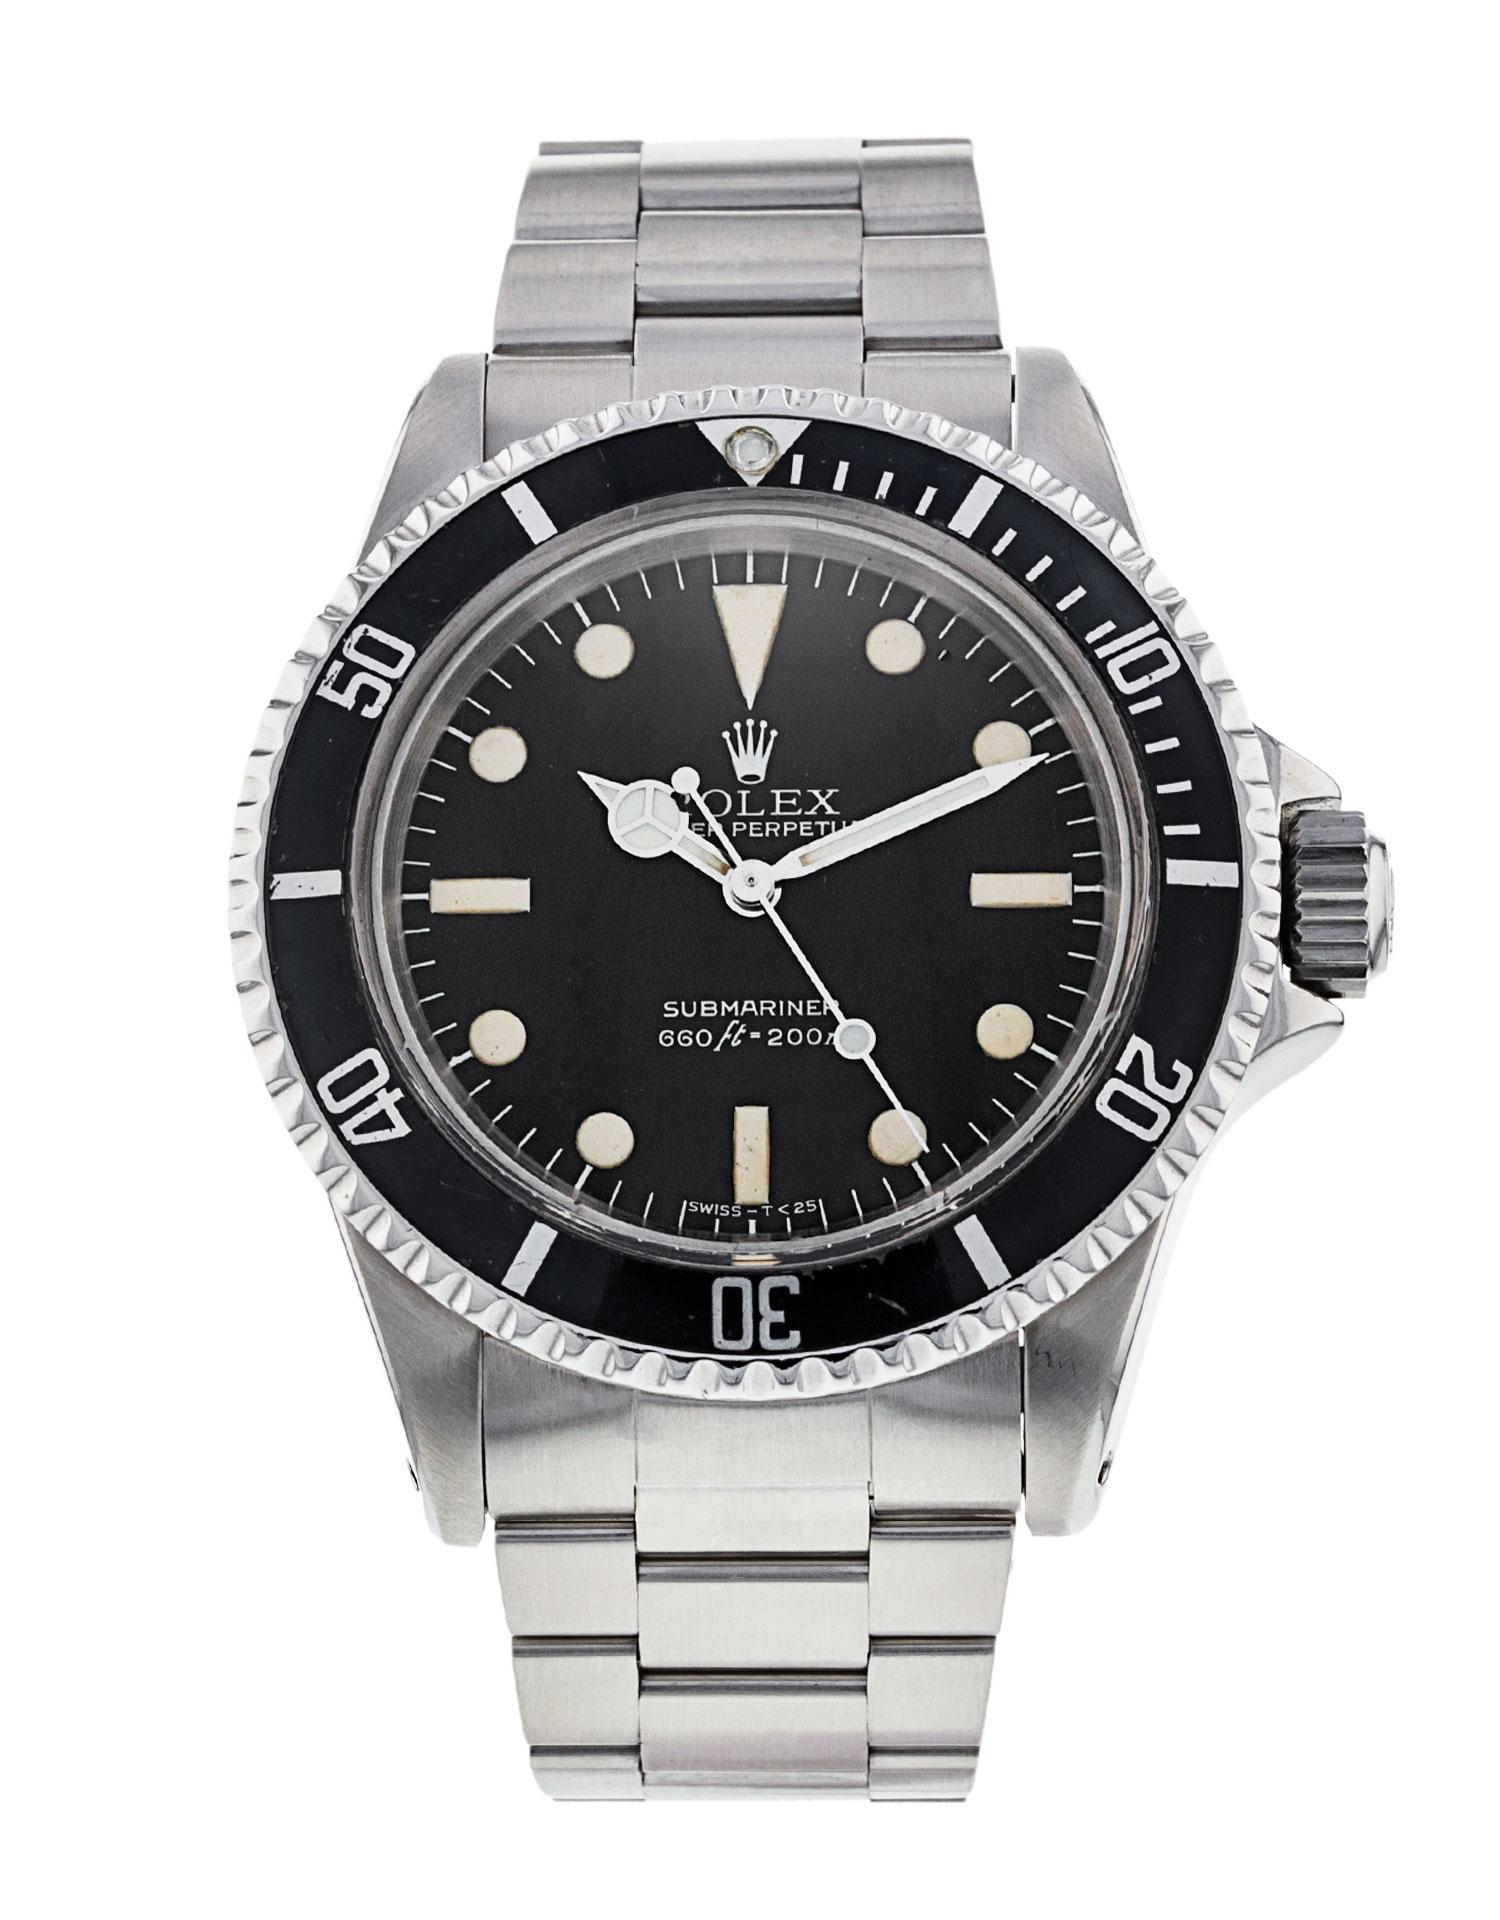 Rolex-Submariner-5513-138445-2-190625-114742.jpg